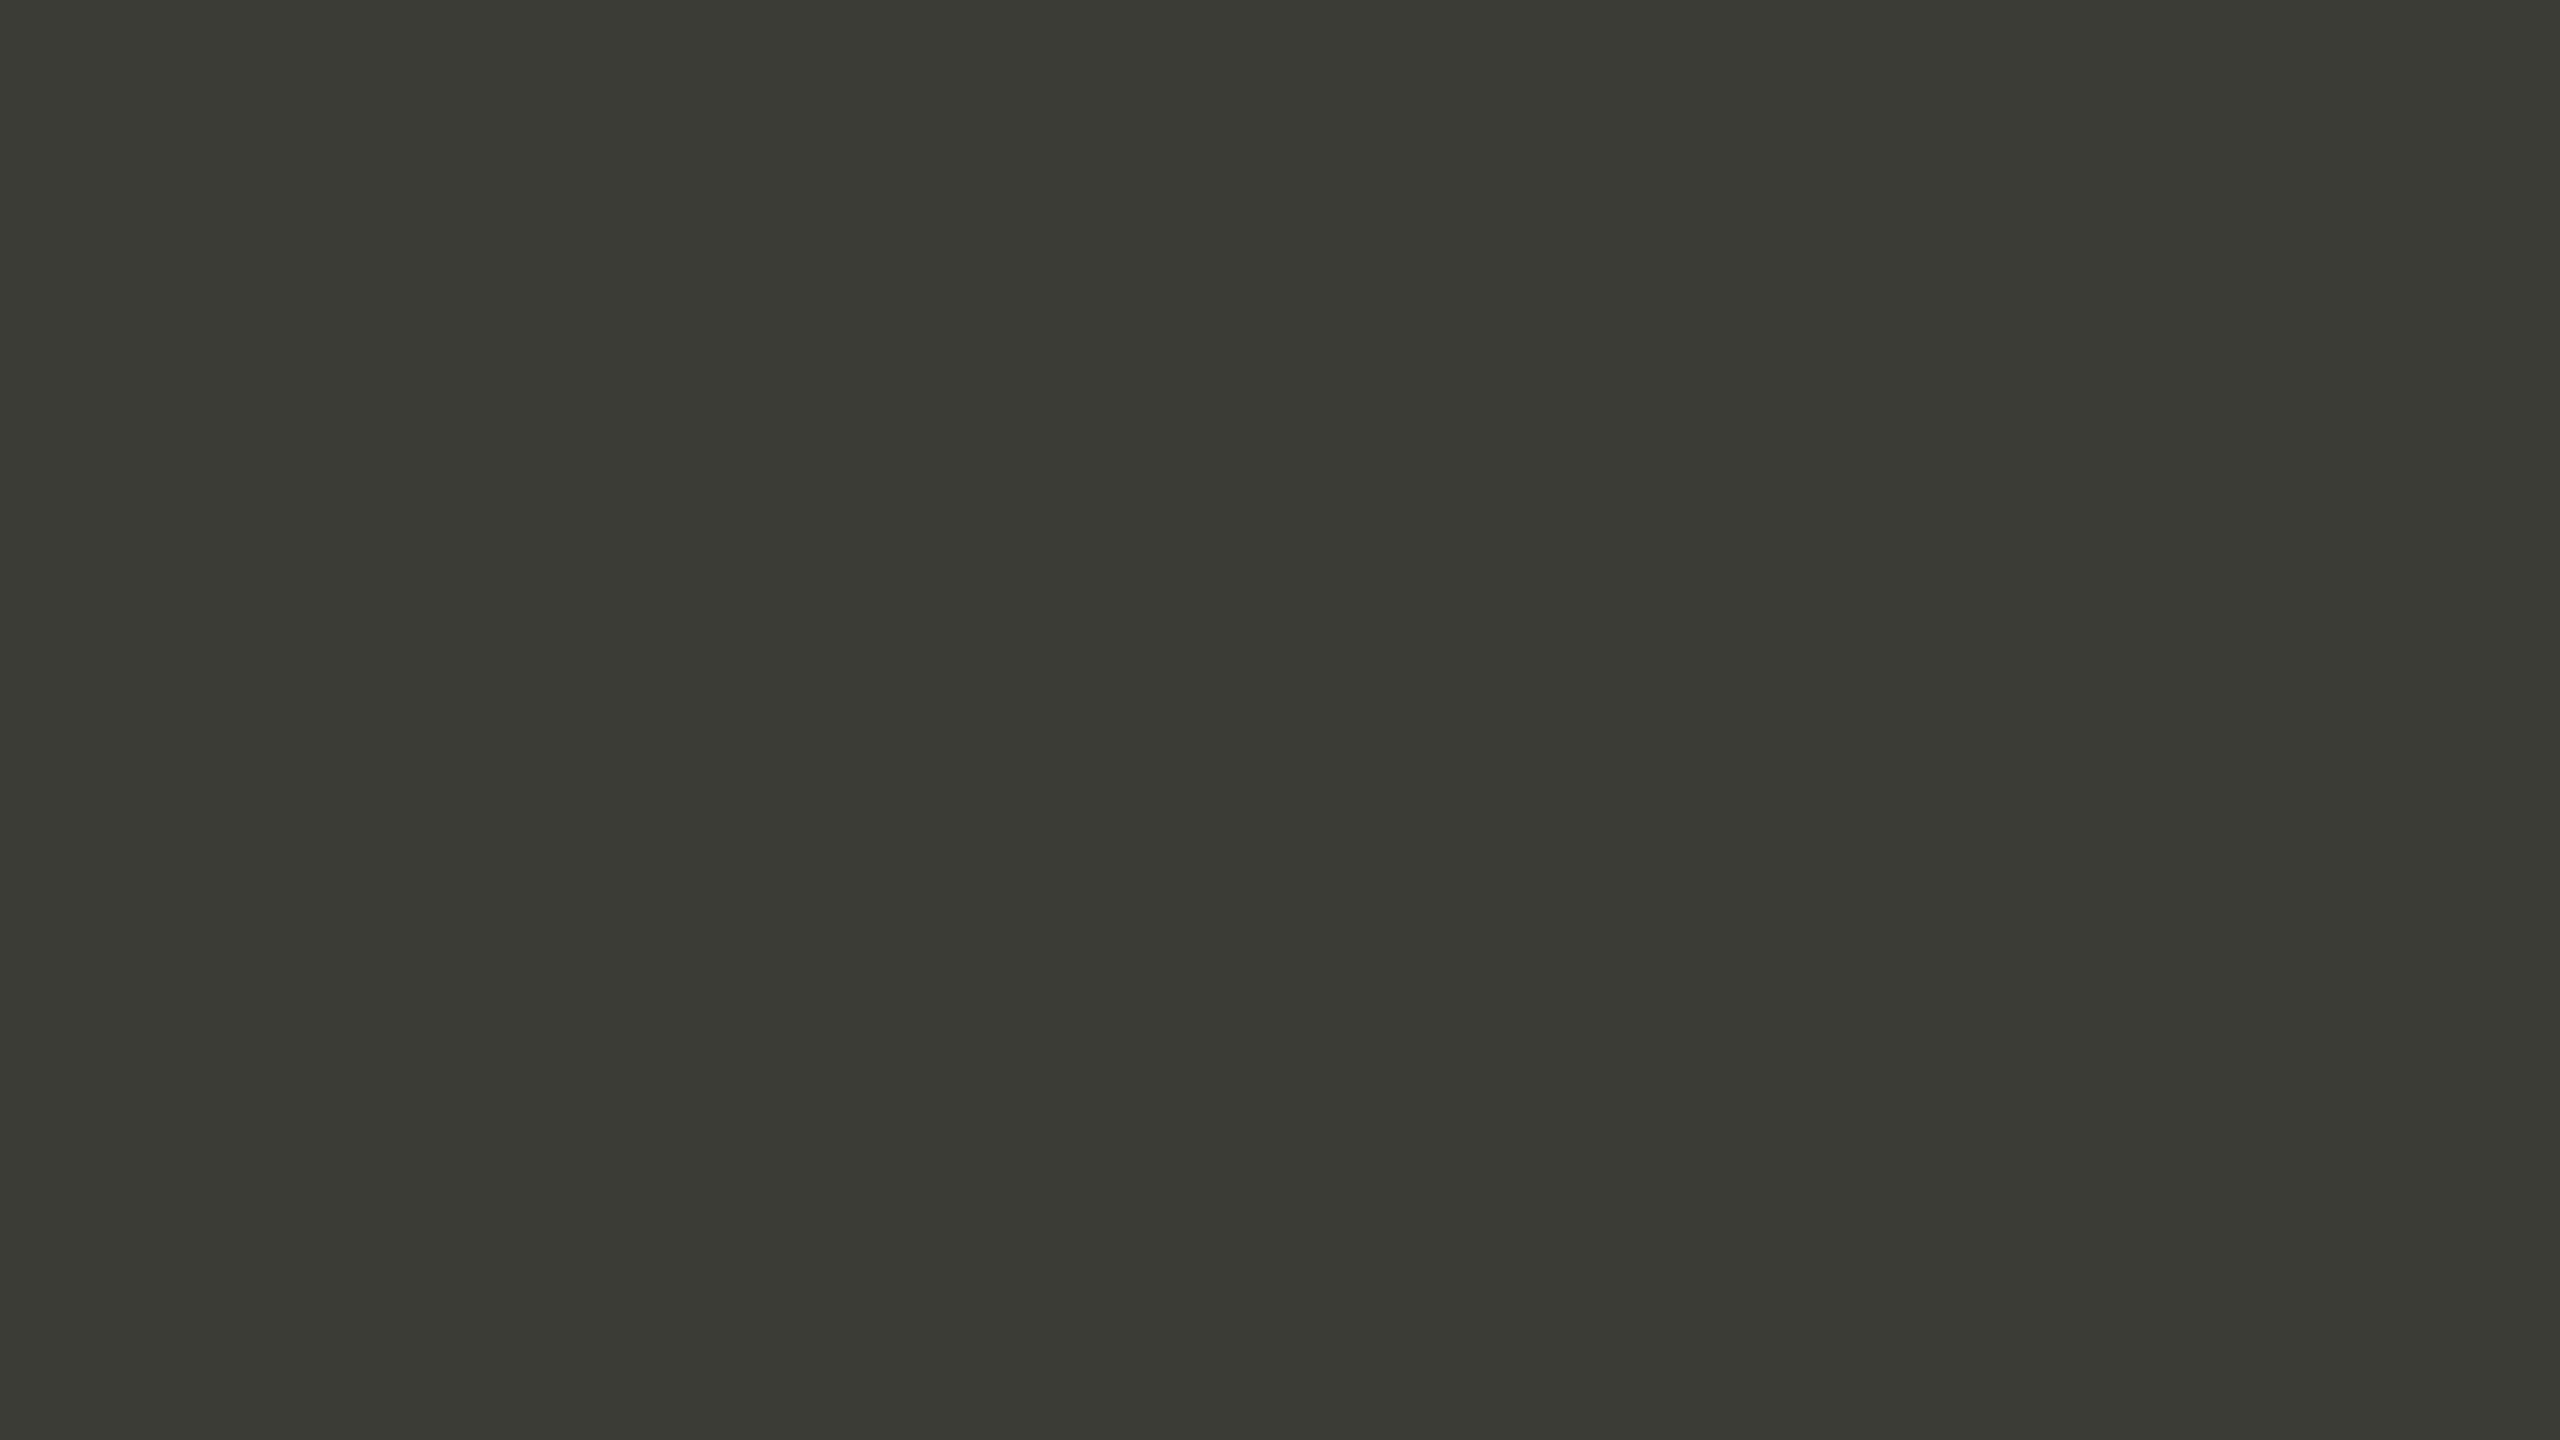 Black Wallpaper 2560x1440 Black Olive Solid Color Background